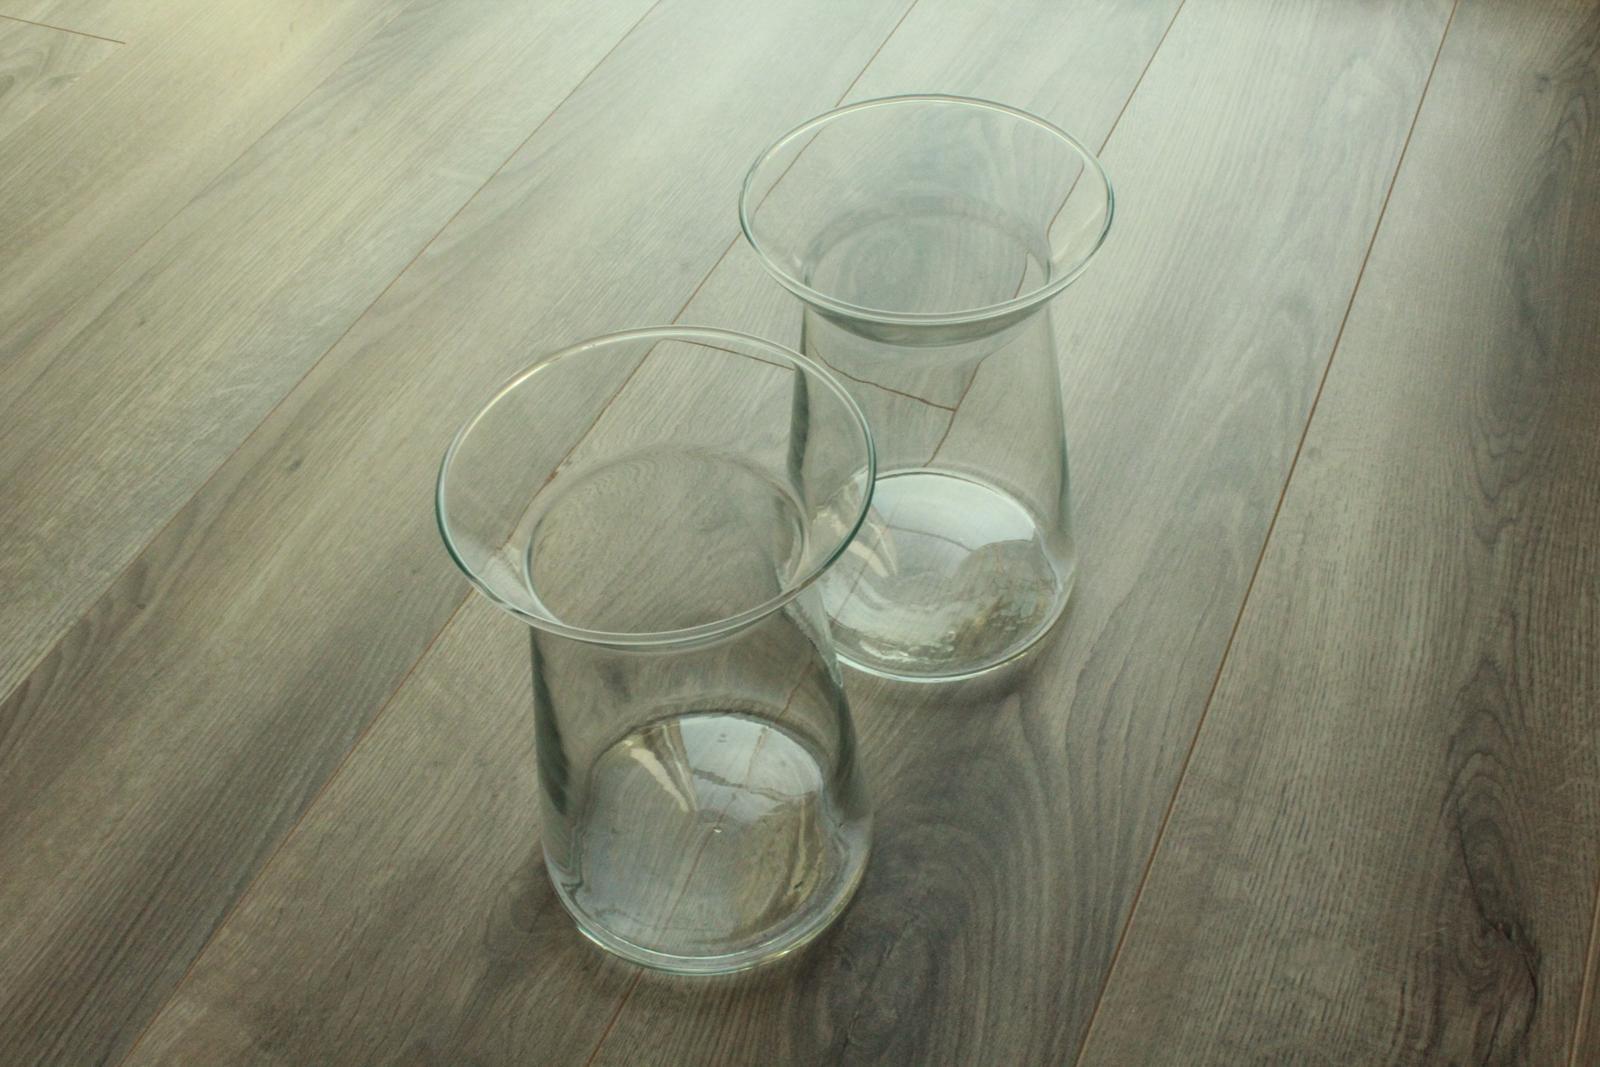 Moderní skleněné vázy - Obrázek č. 4